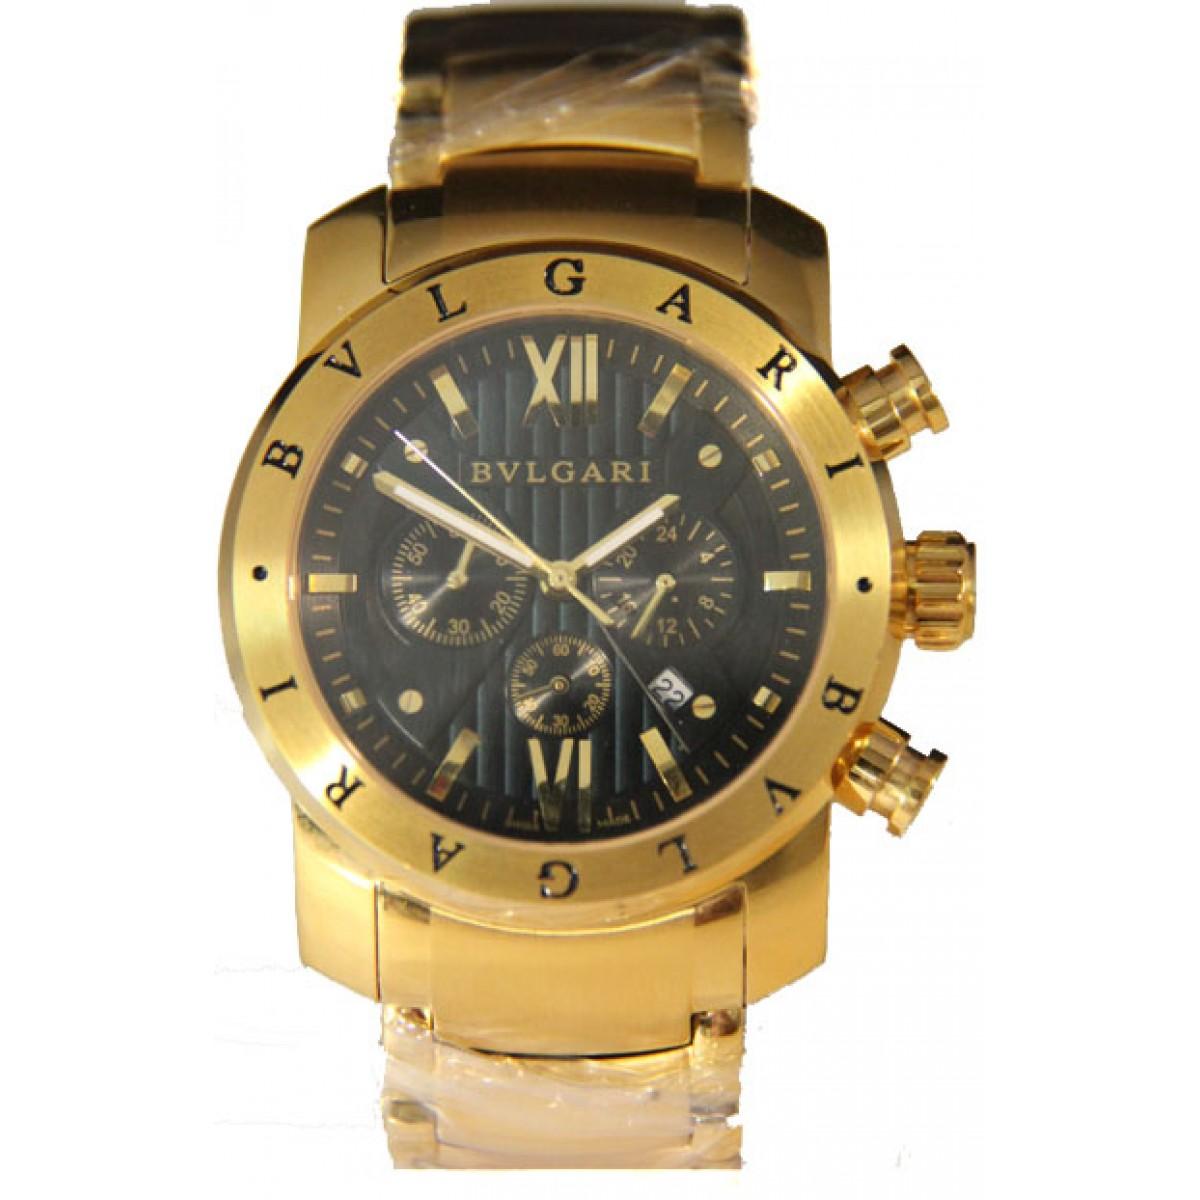 03f2b6f7b1e Relógio Réplica Bulgari Homem De Ferro Dourado Preto